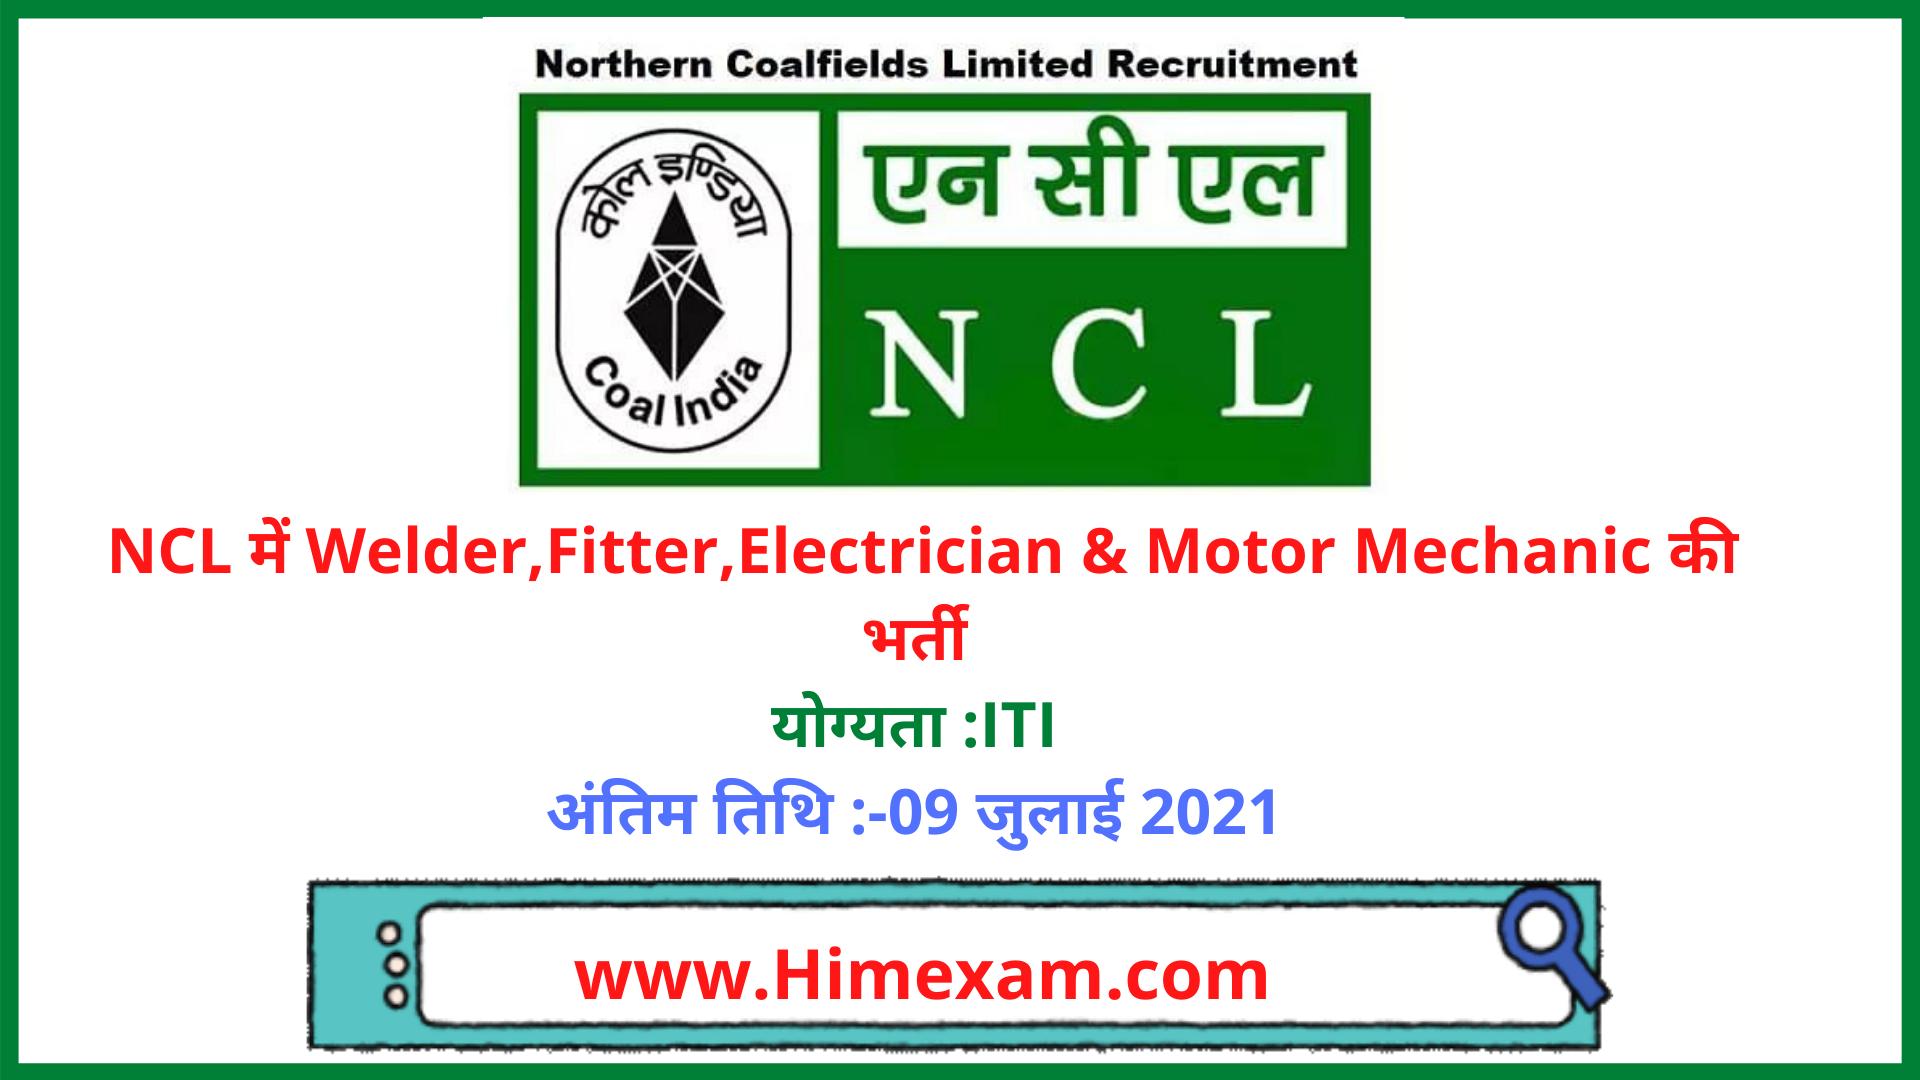 NCL Recruitment 2021-1500 Welder,Fitter,Electrician & Motor Mechanic Posts